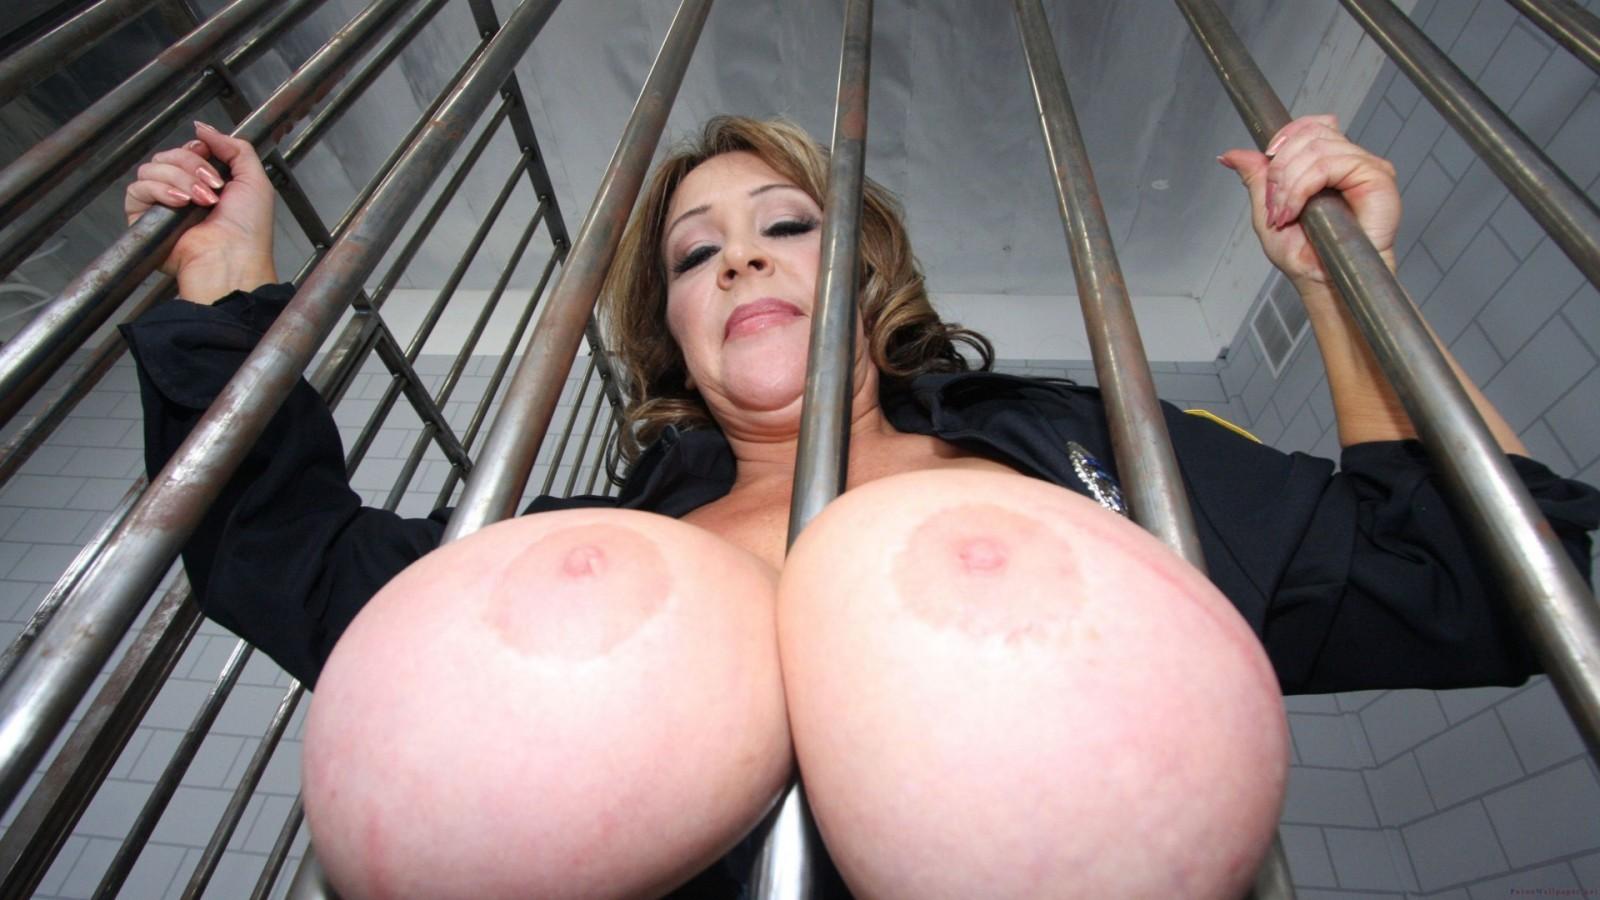 Фото голые гигантские сиськи, Секс фото дам с большой грудью -галерей 12 фотография